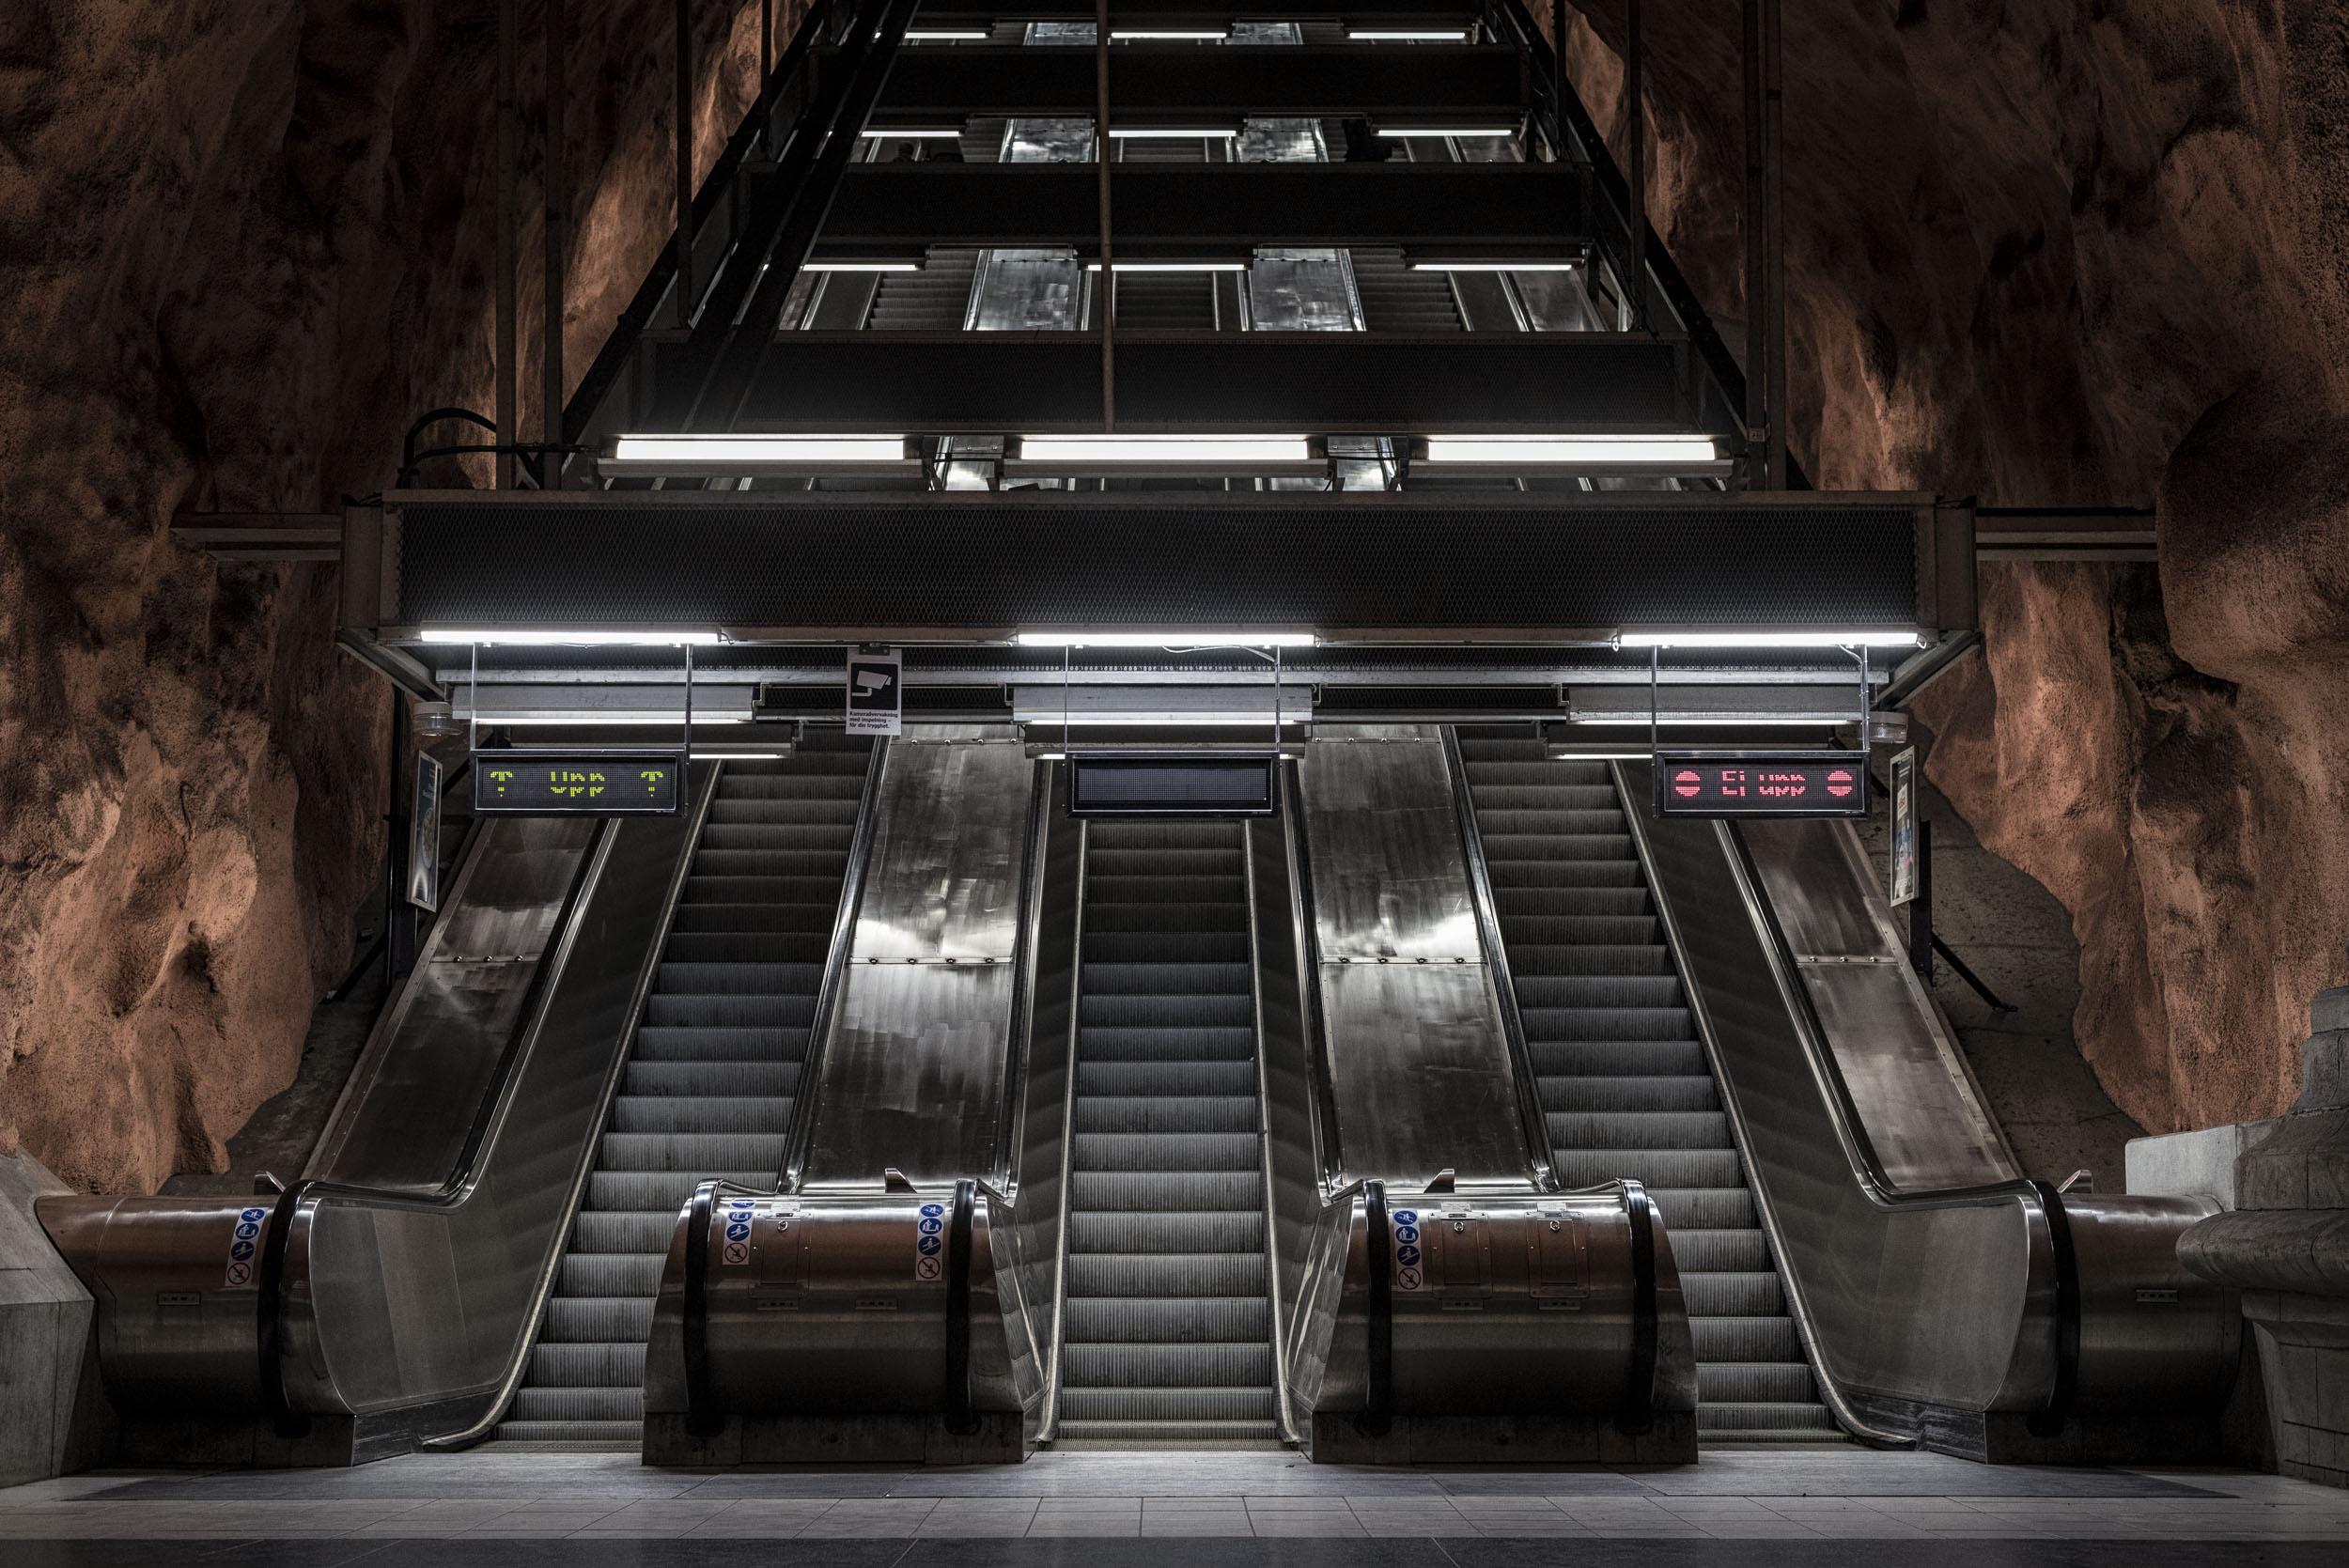 Stockholm Subway (I)